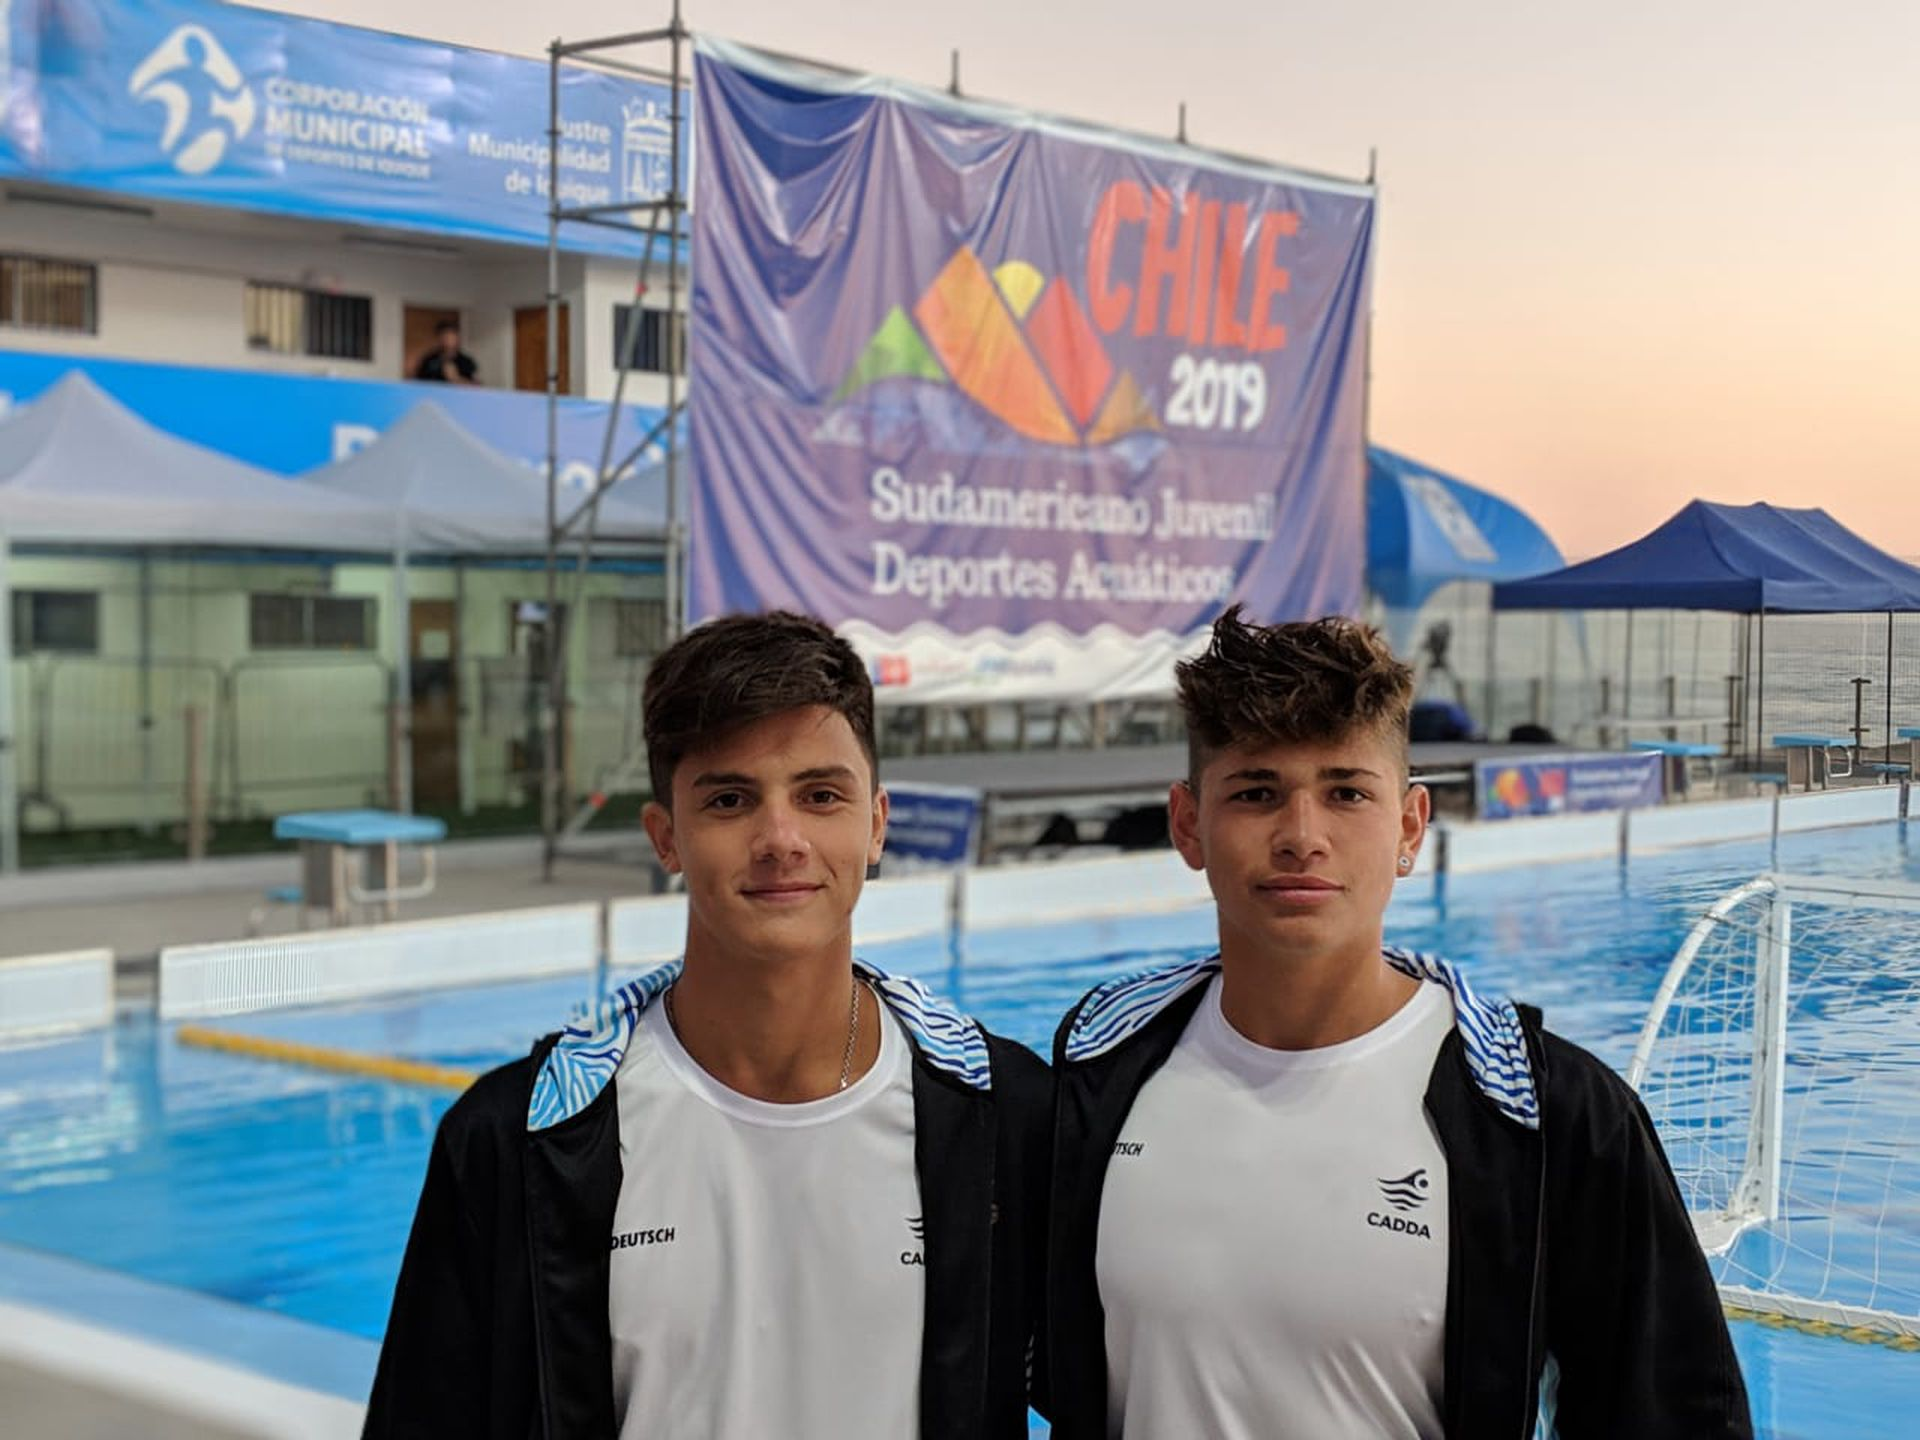 Los santafesinos Nicolás Fernández y Mateo Freyre anhelan participar del mundial de waterpolo 2021